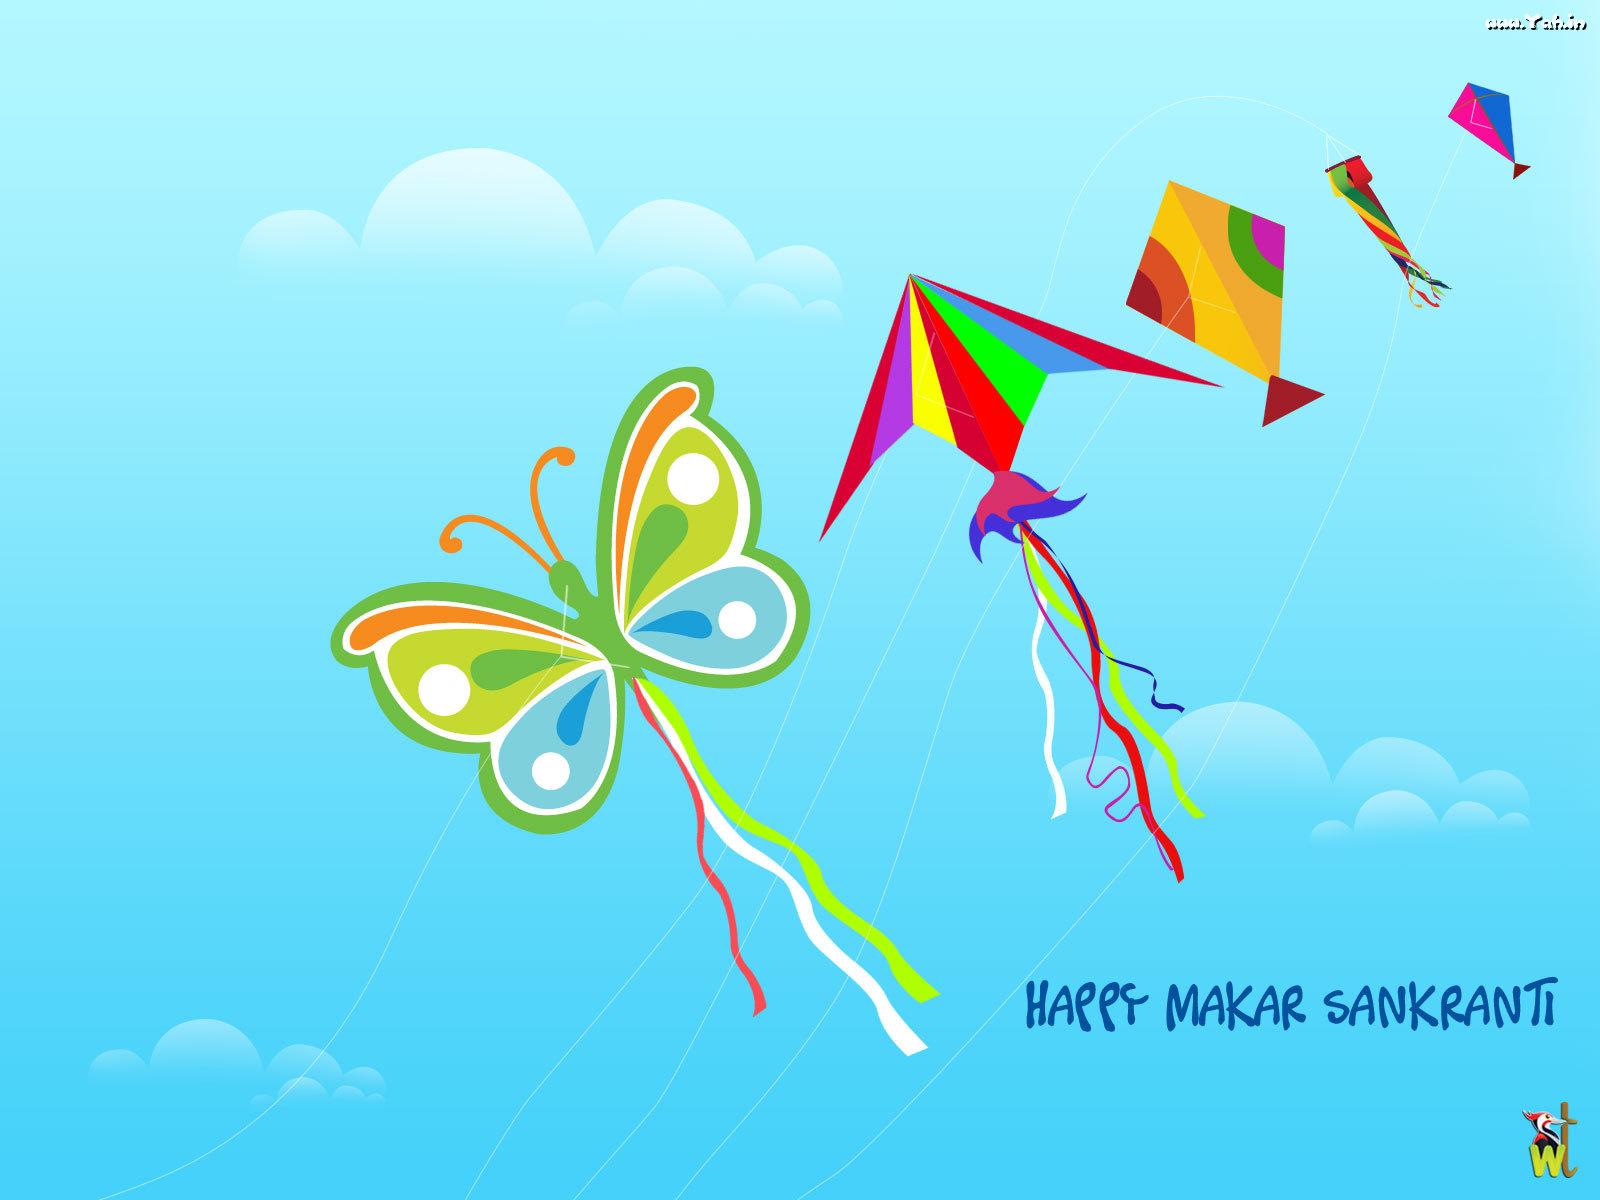 http://3.bp.blogspot.com/-SQmsmUsvQbc/Tw_khruPO1I/AAAAAAAAANo/nwIC7IBRh00/s1600/Kite-Happy-makar-sankranti-wallpaper.jpg